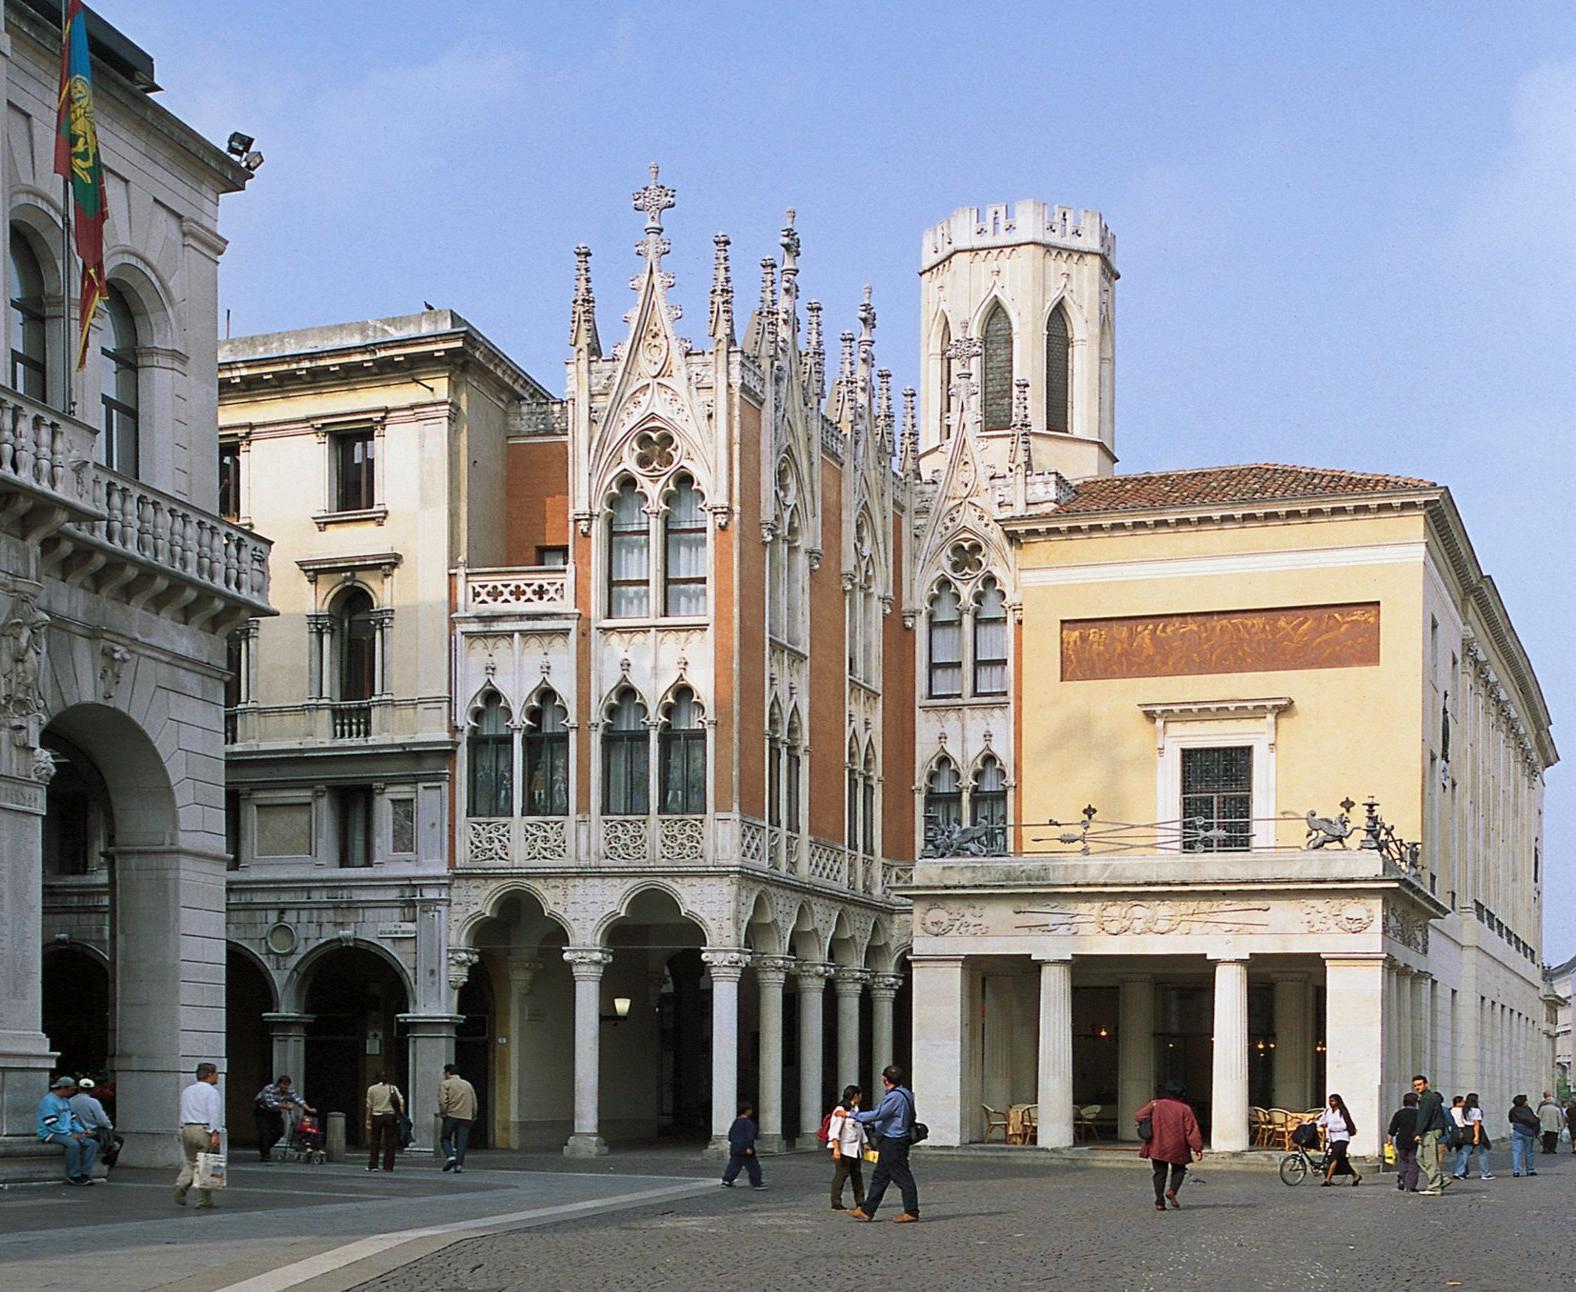 The Pedrocchi Café, Padua, Italy